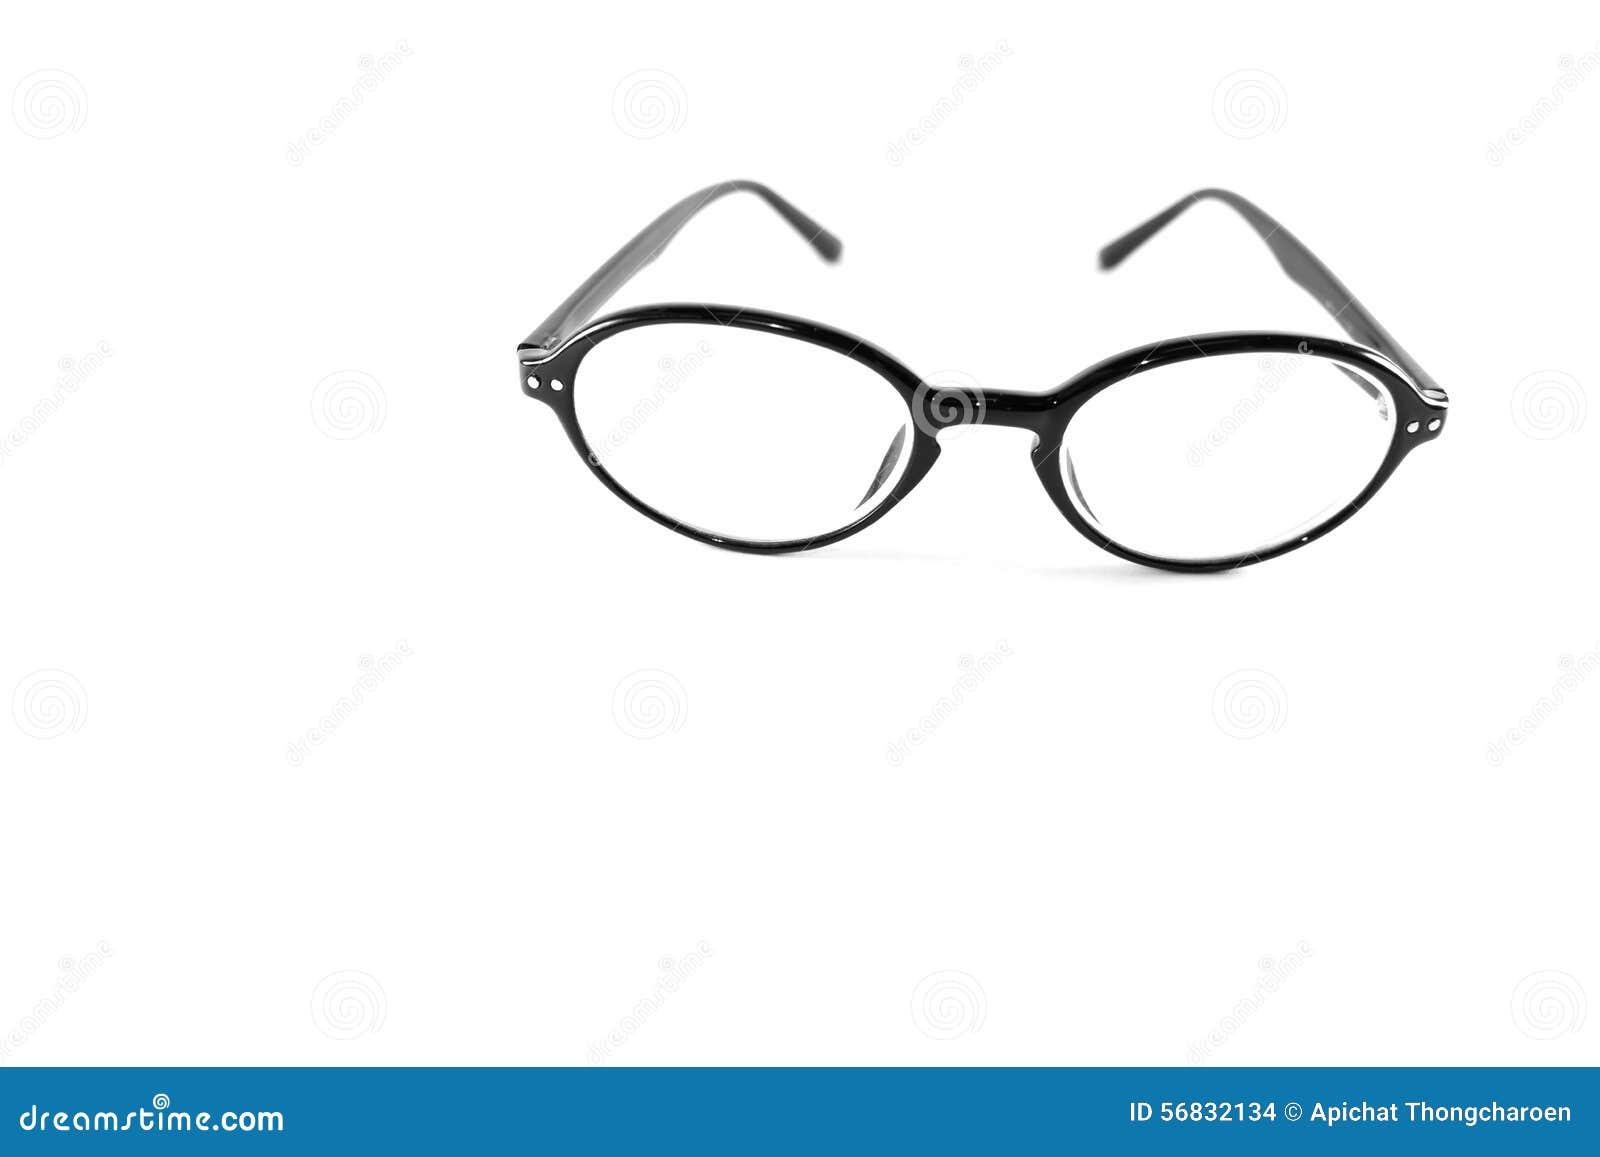 Μαύρα γυαλιά στο άσπρο υπόβαθρο